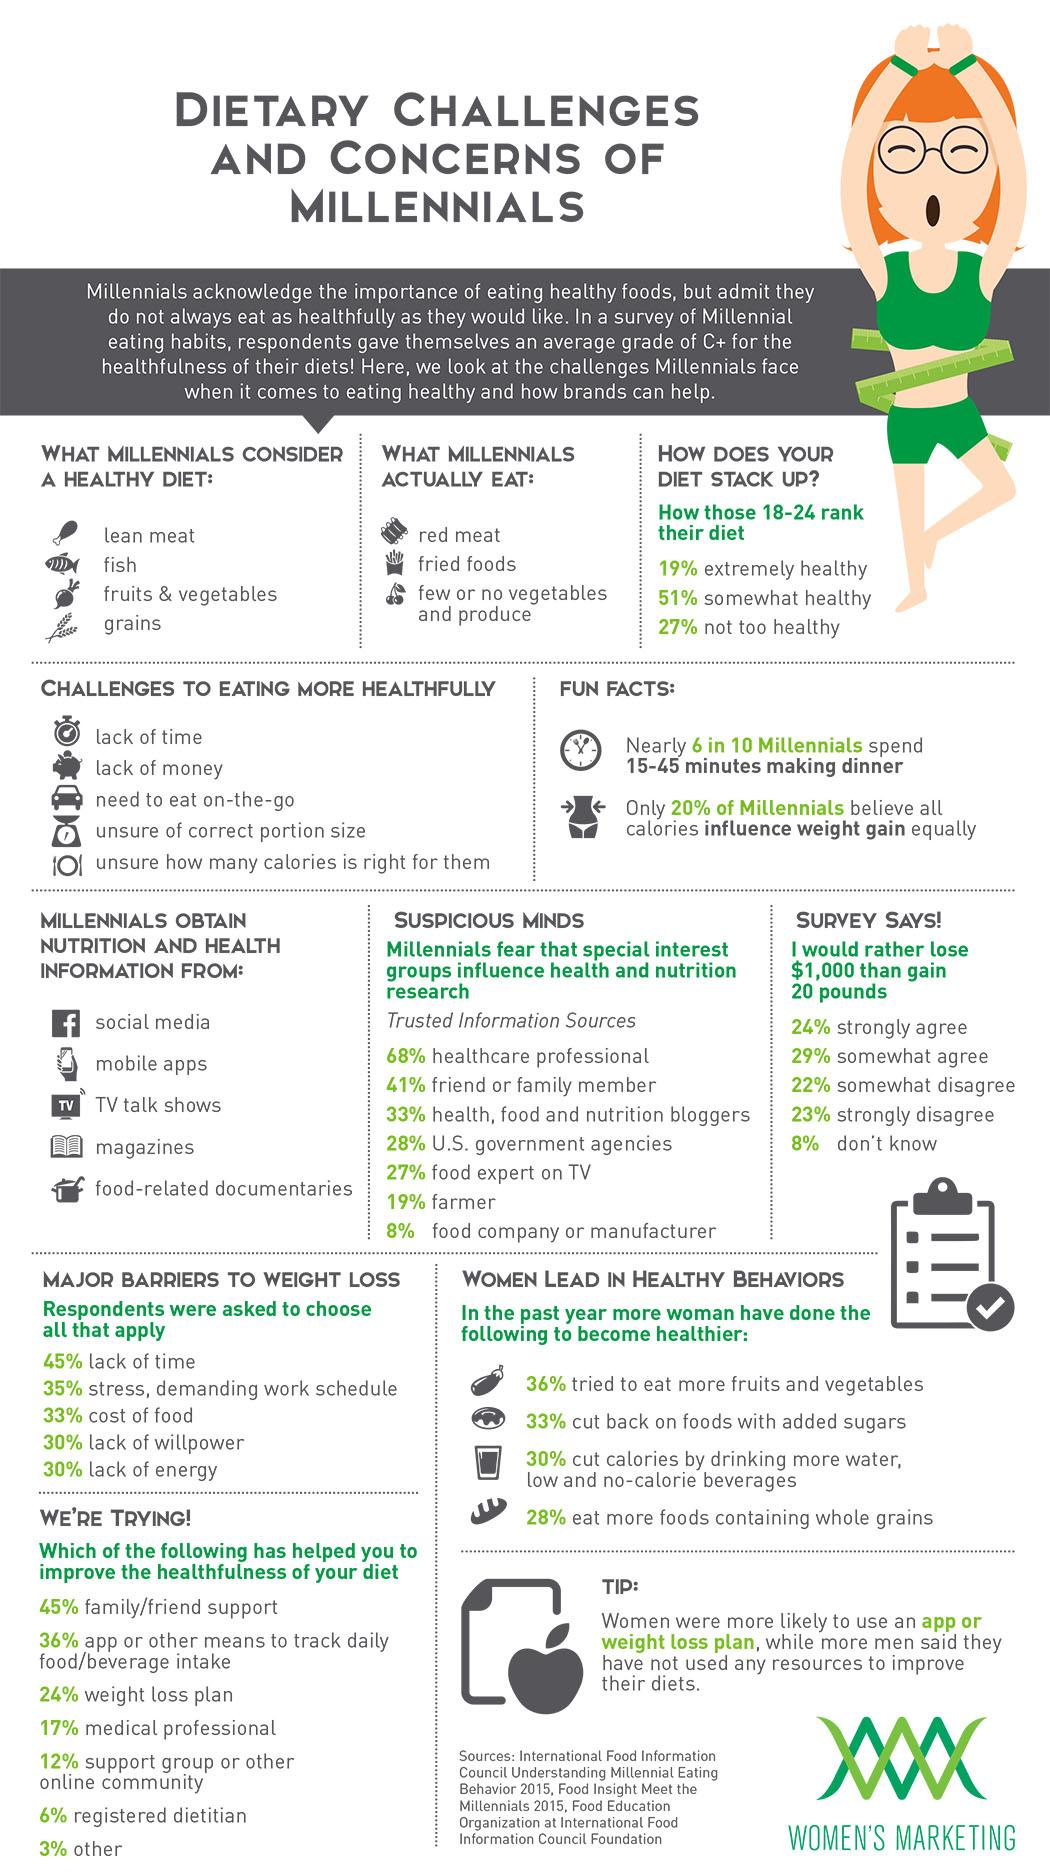 MillennialsHealthyDiet_Infographic.jpg